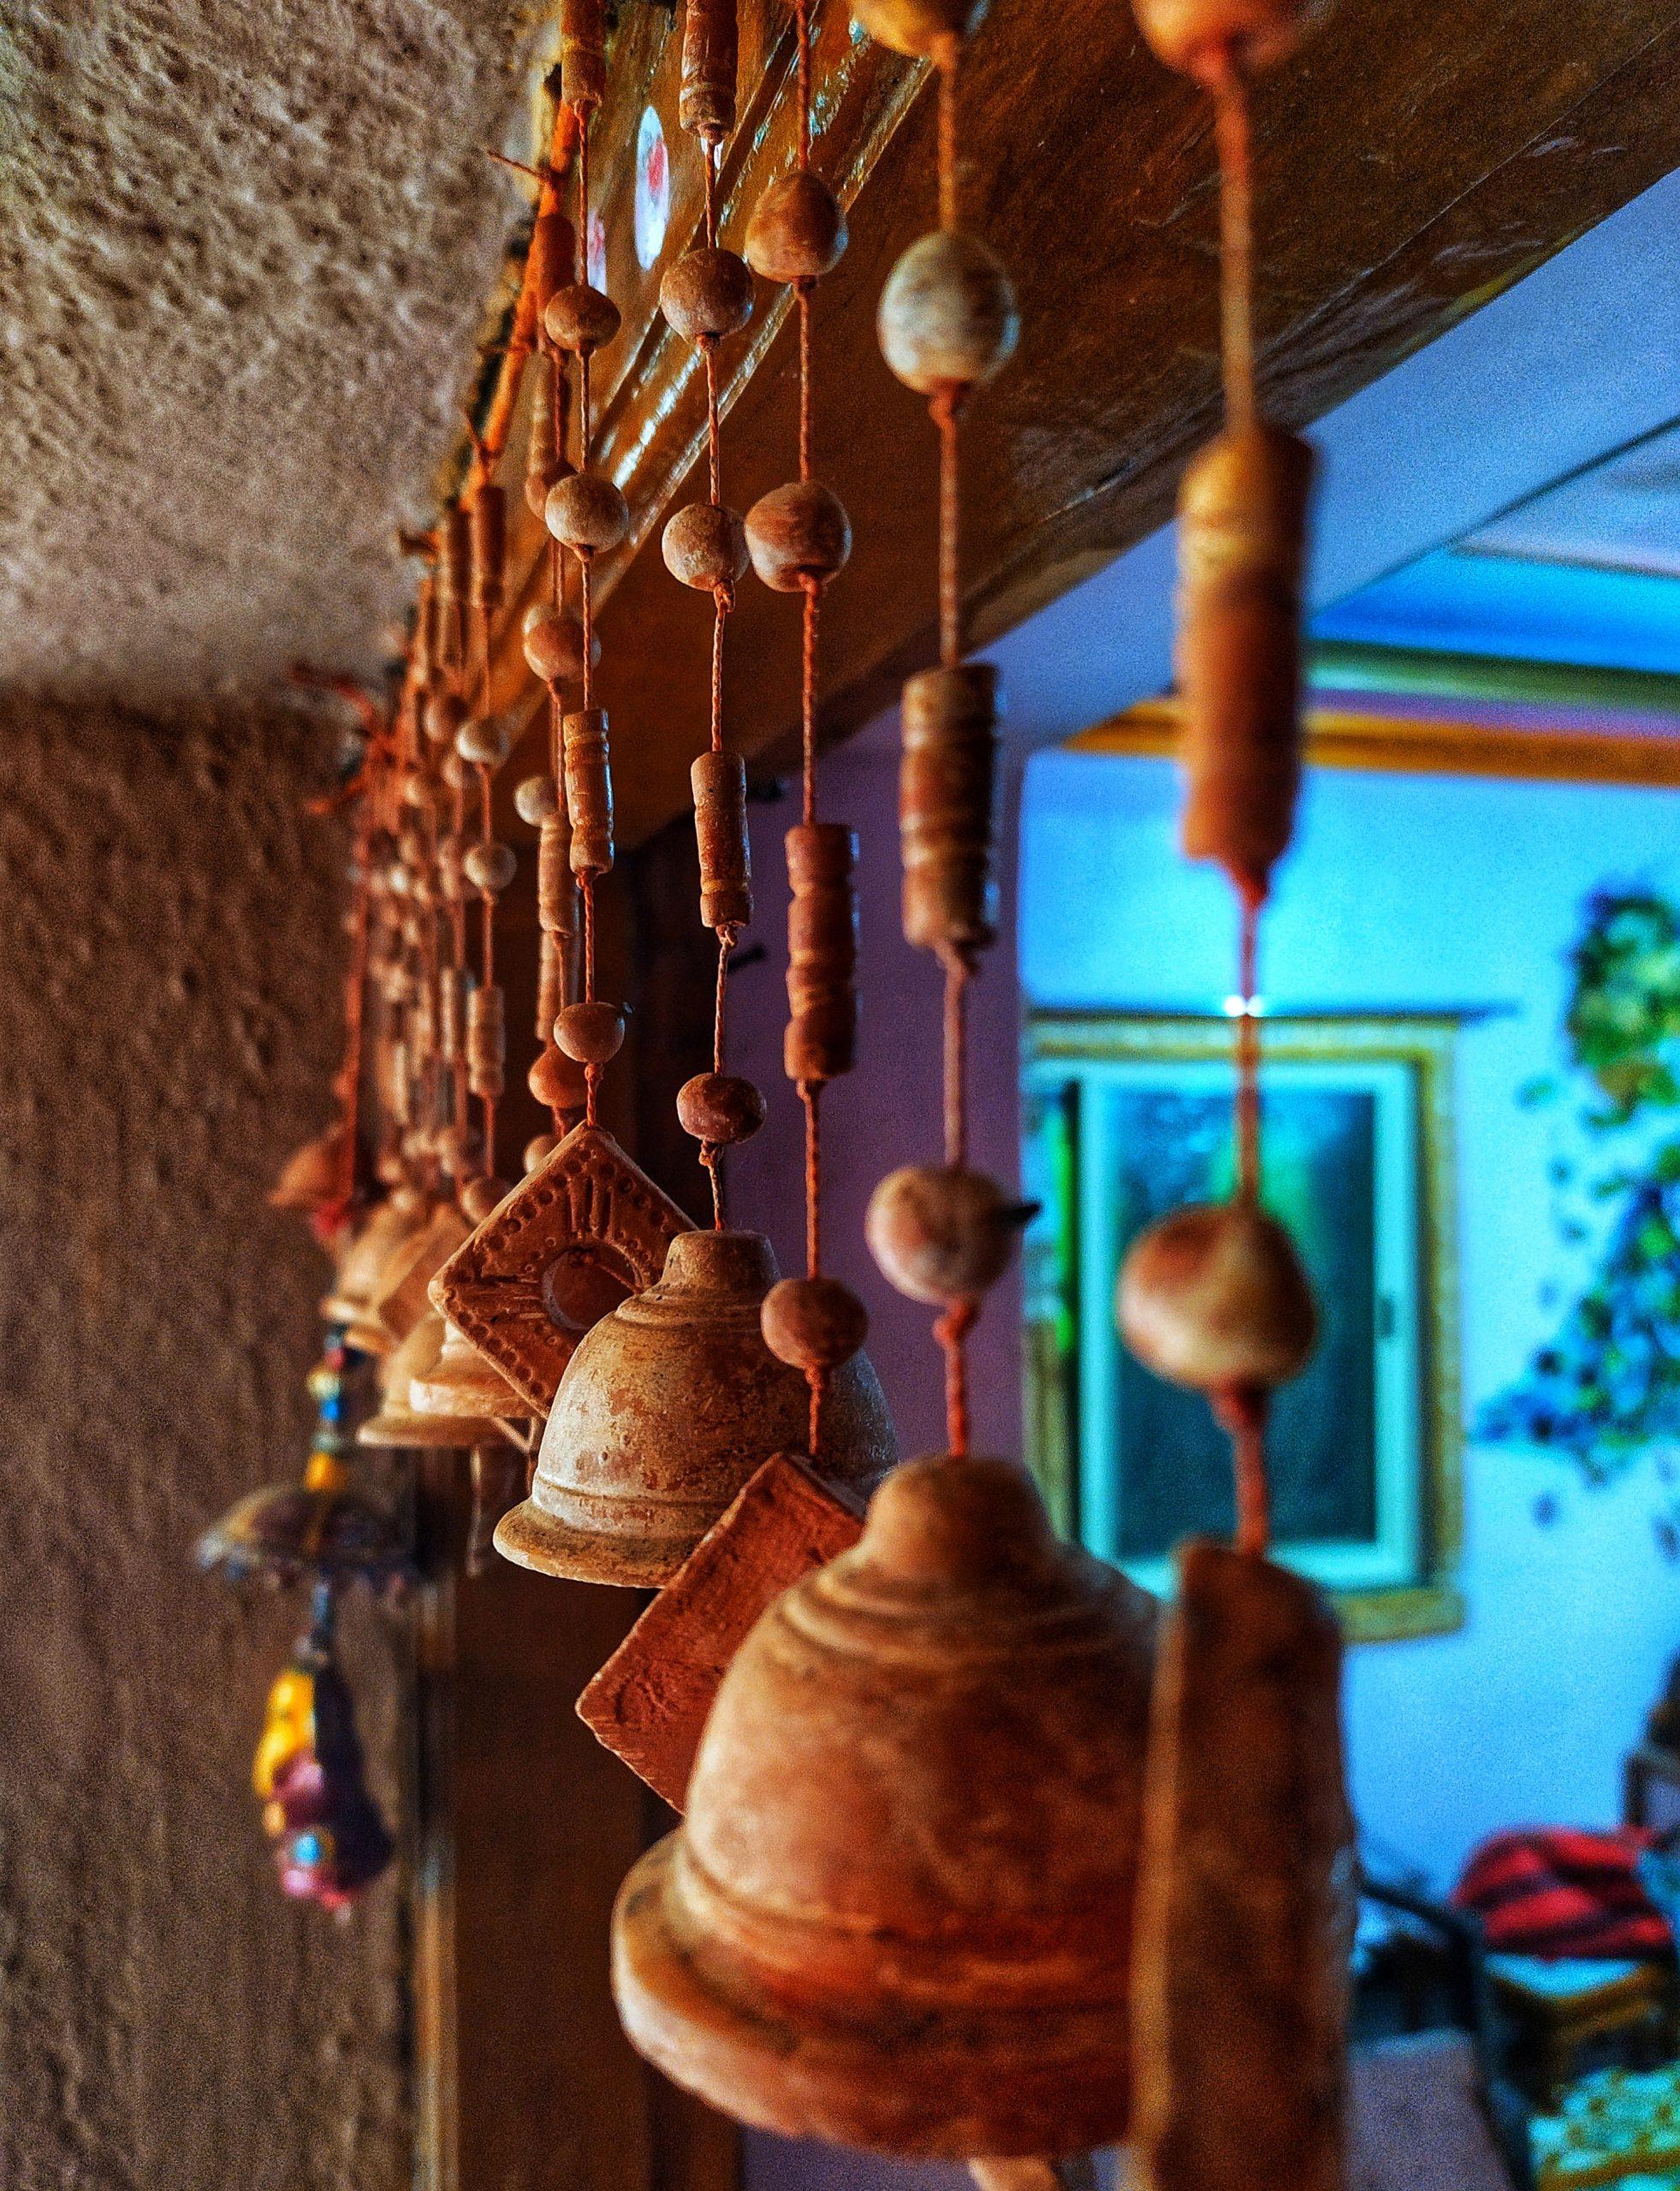 Bells on the top of house door